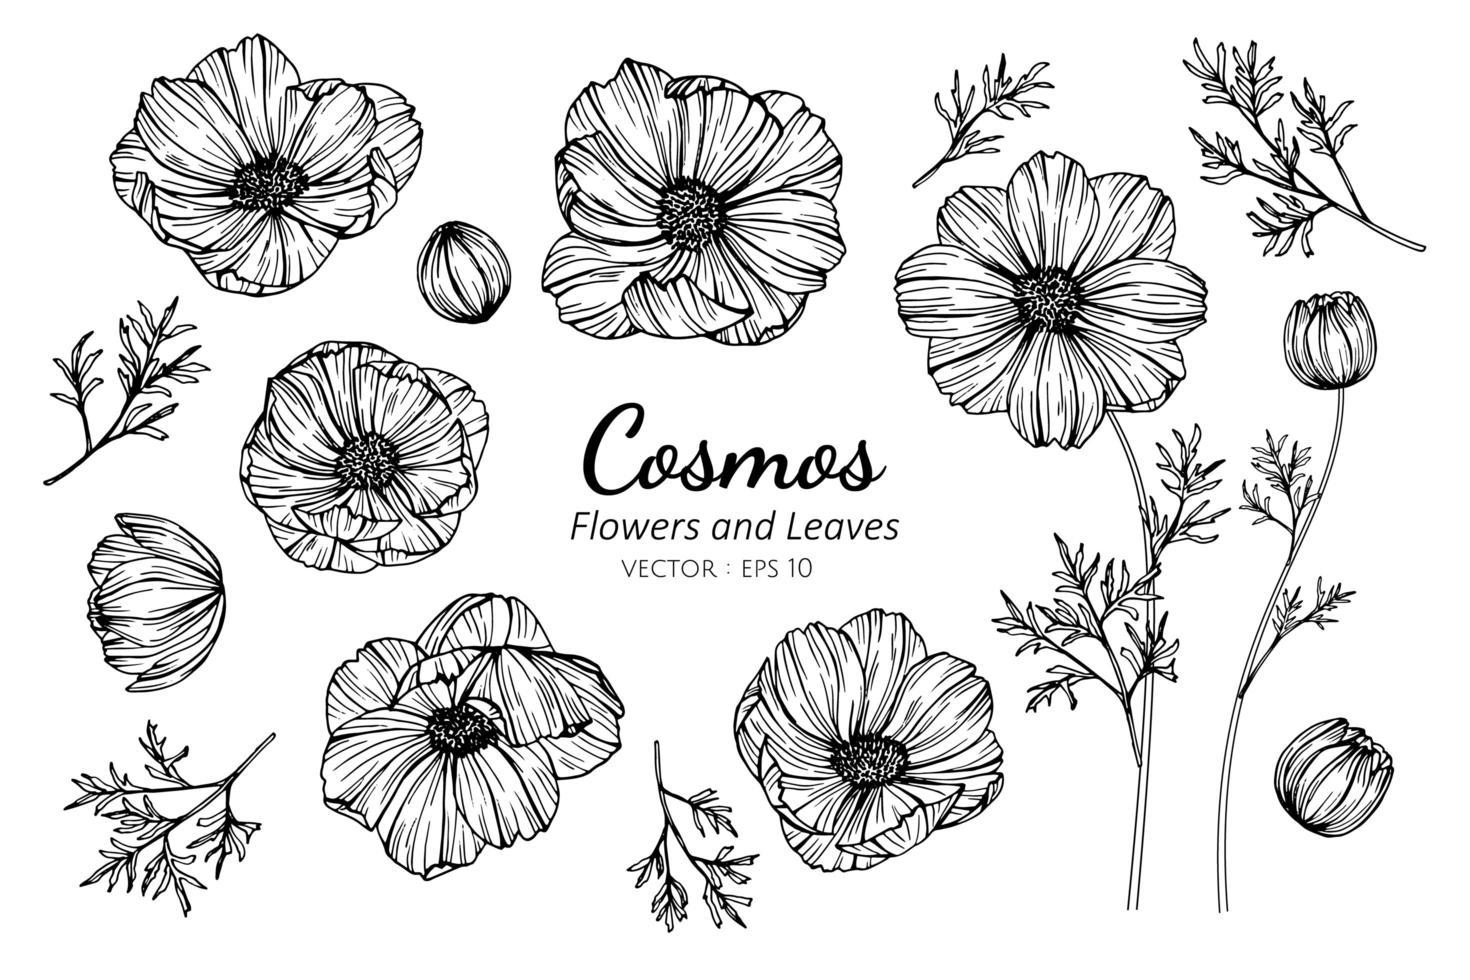 Sammlung von Kosmosblumen und -blättern vektor